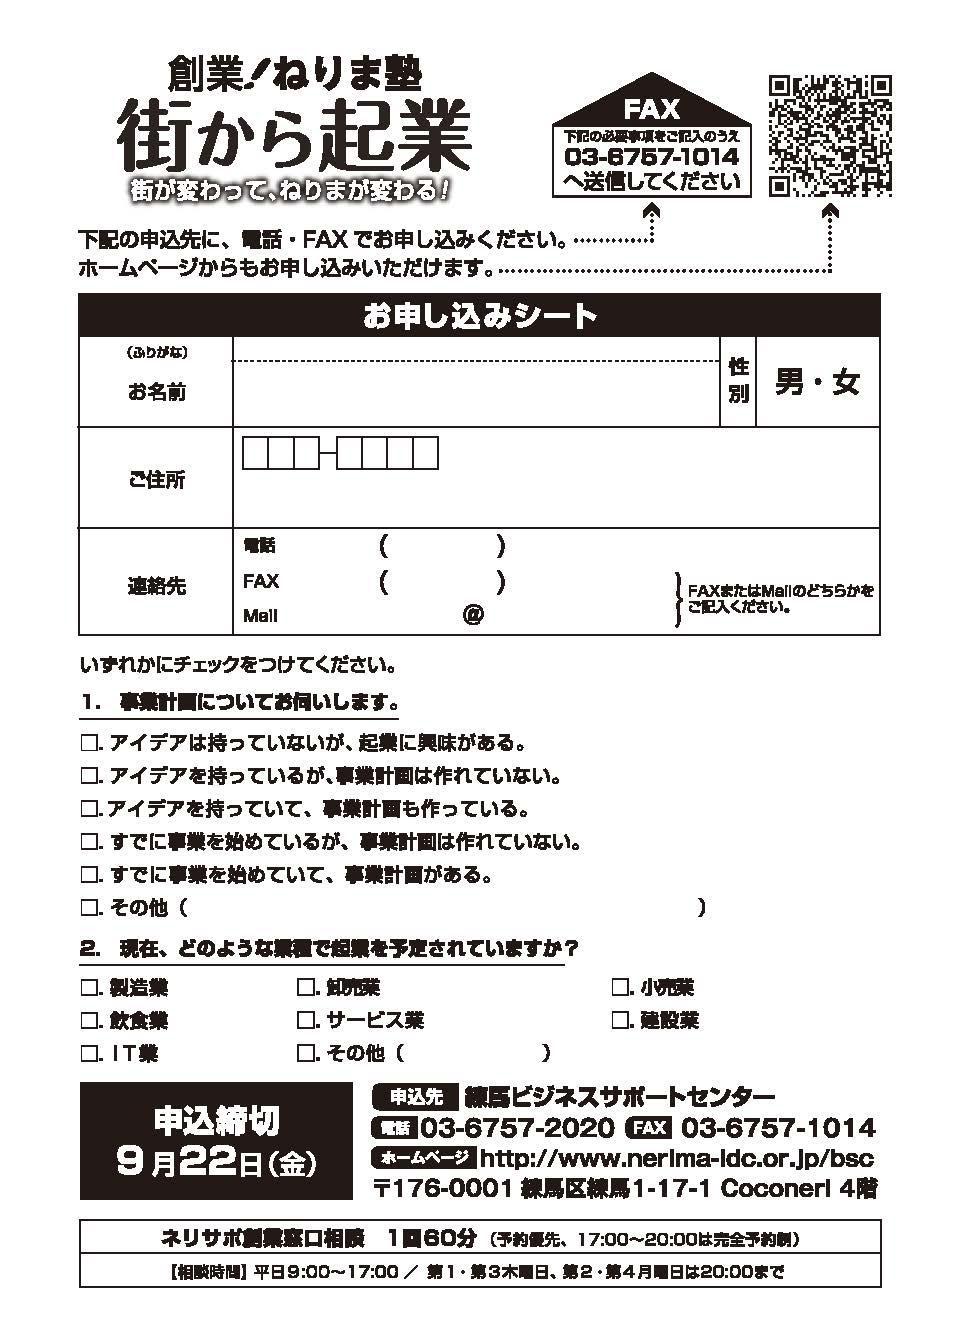 20171001machikara_ura.jpg